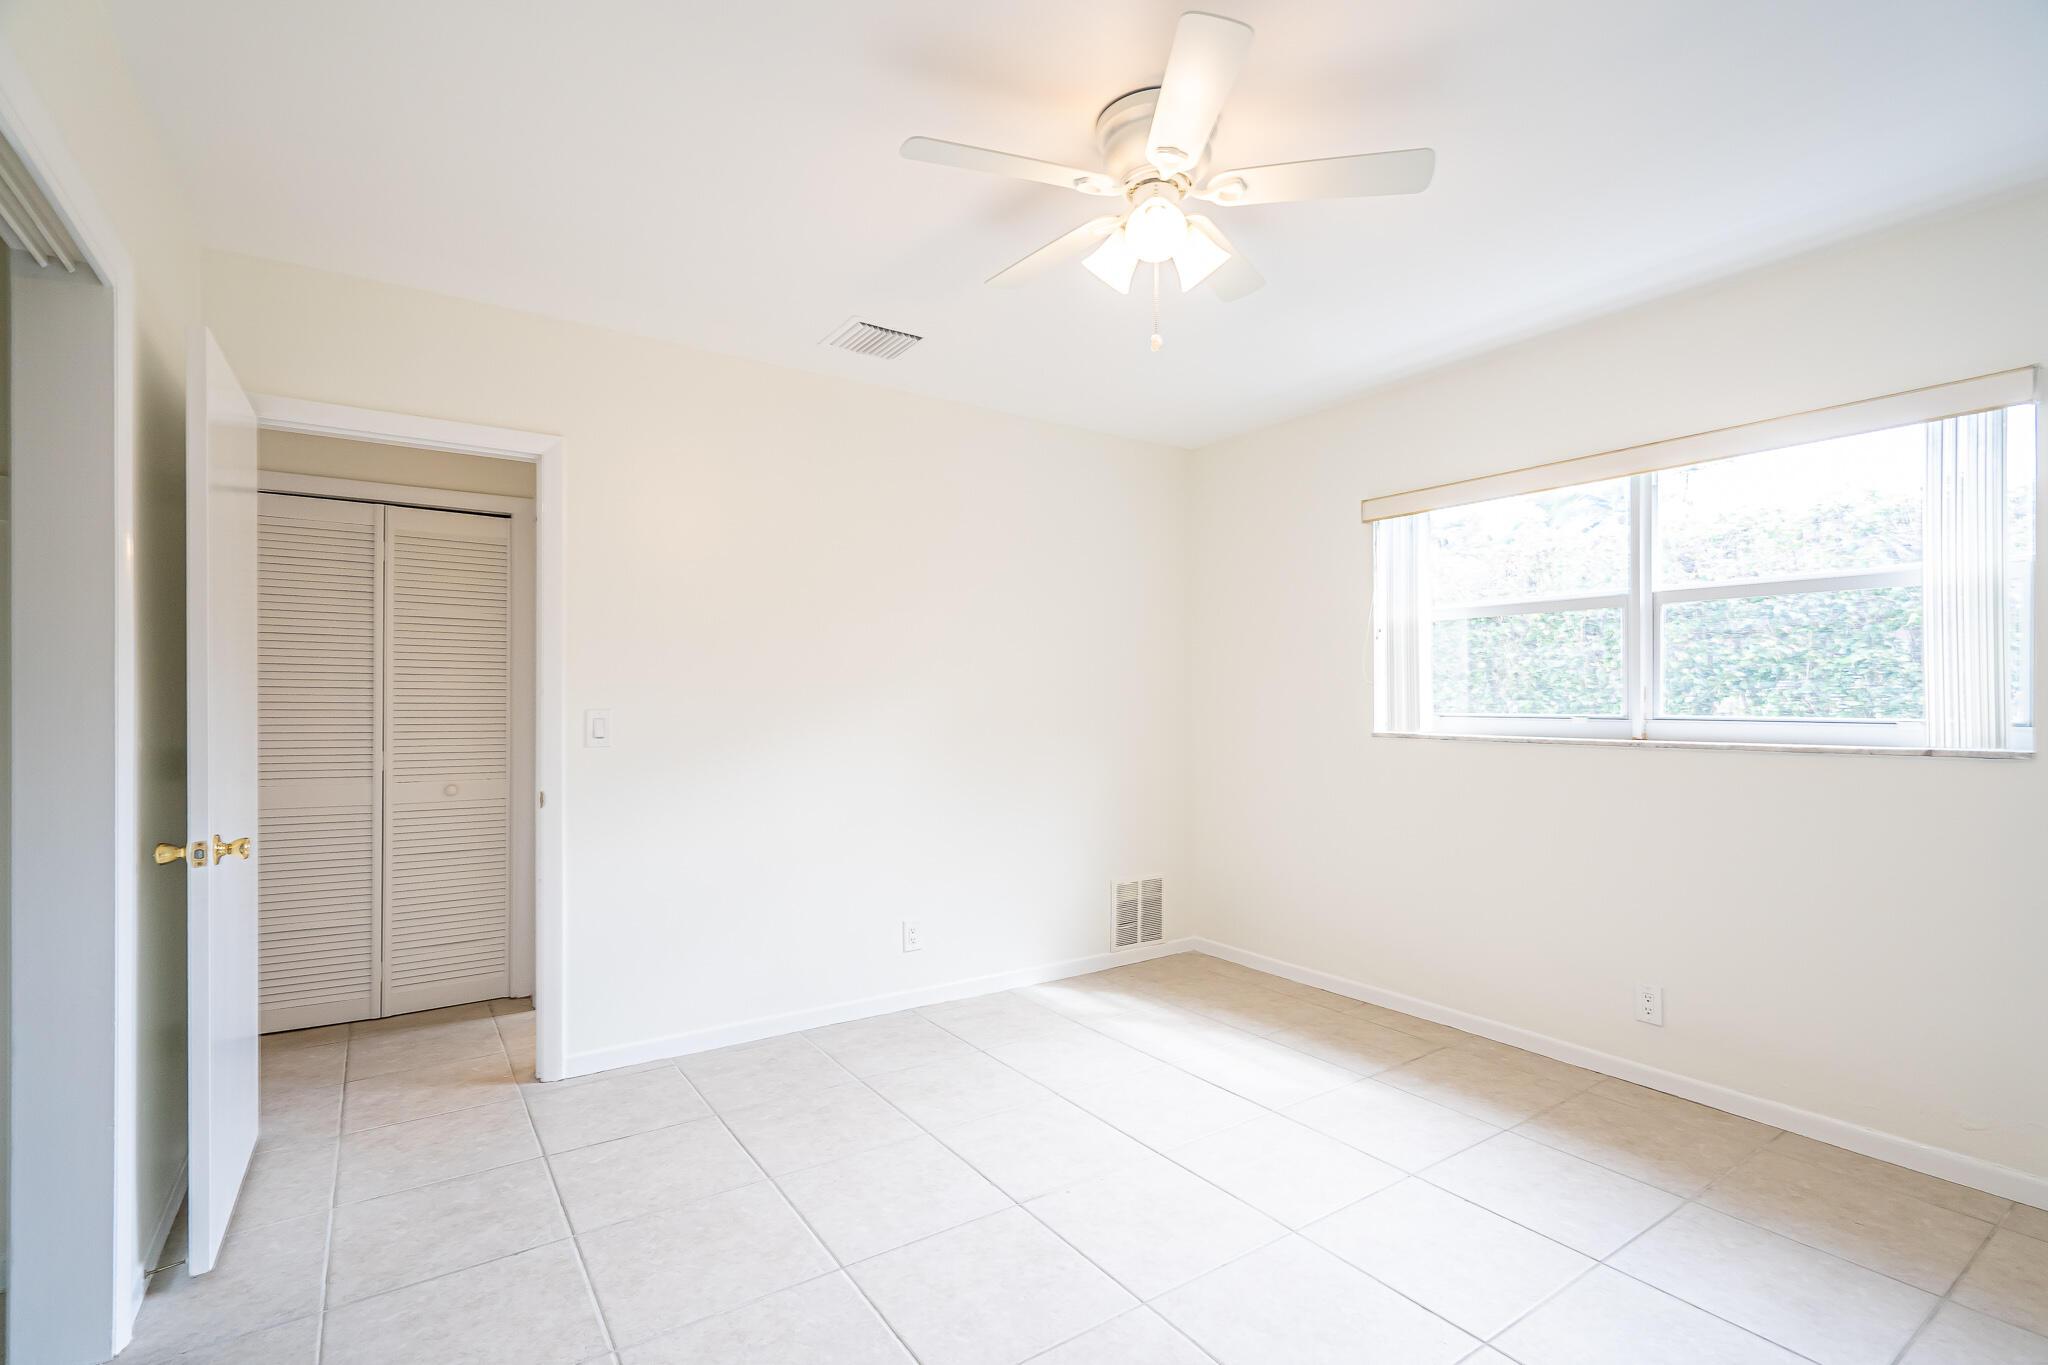 502 2nd Bedroom